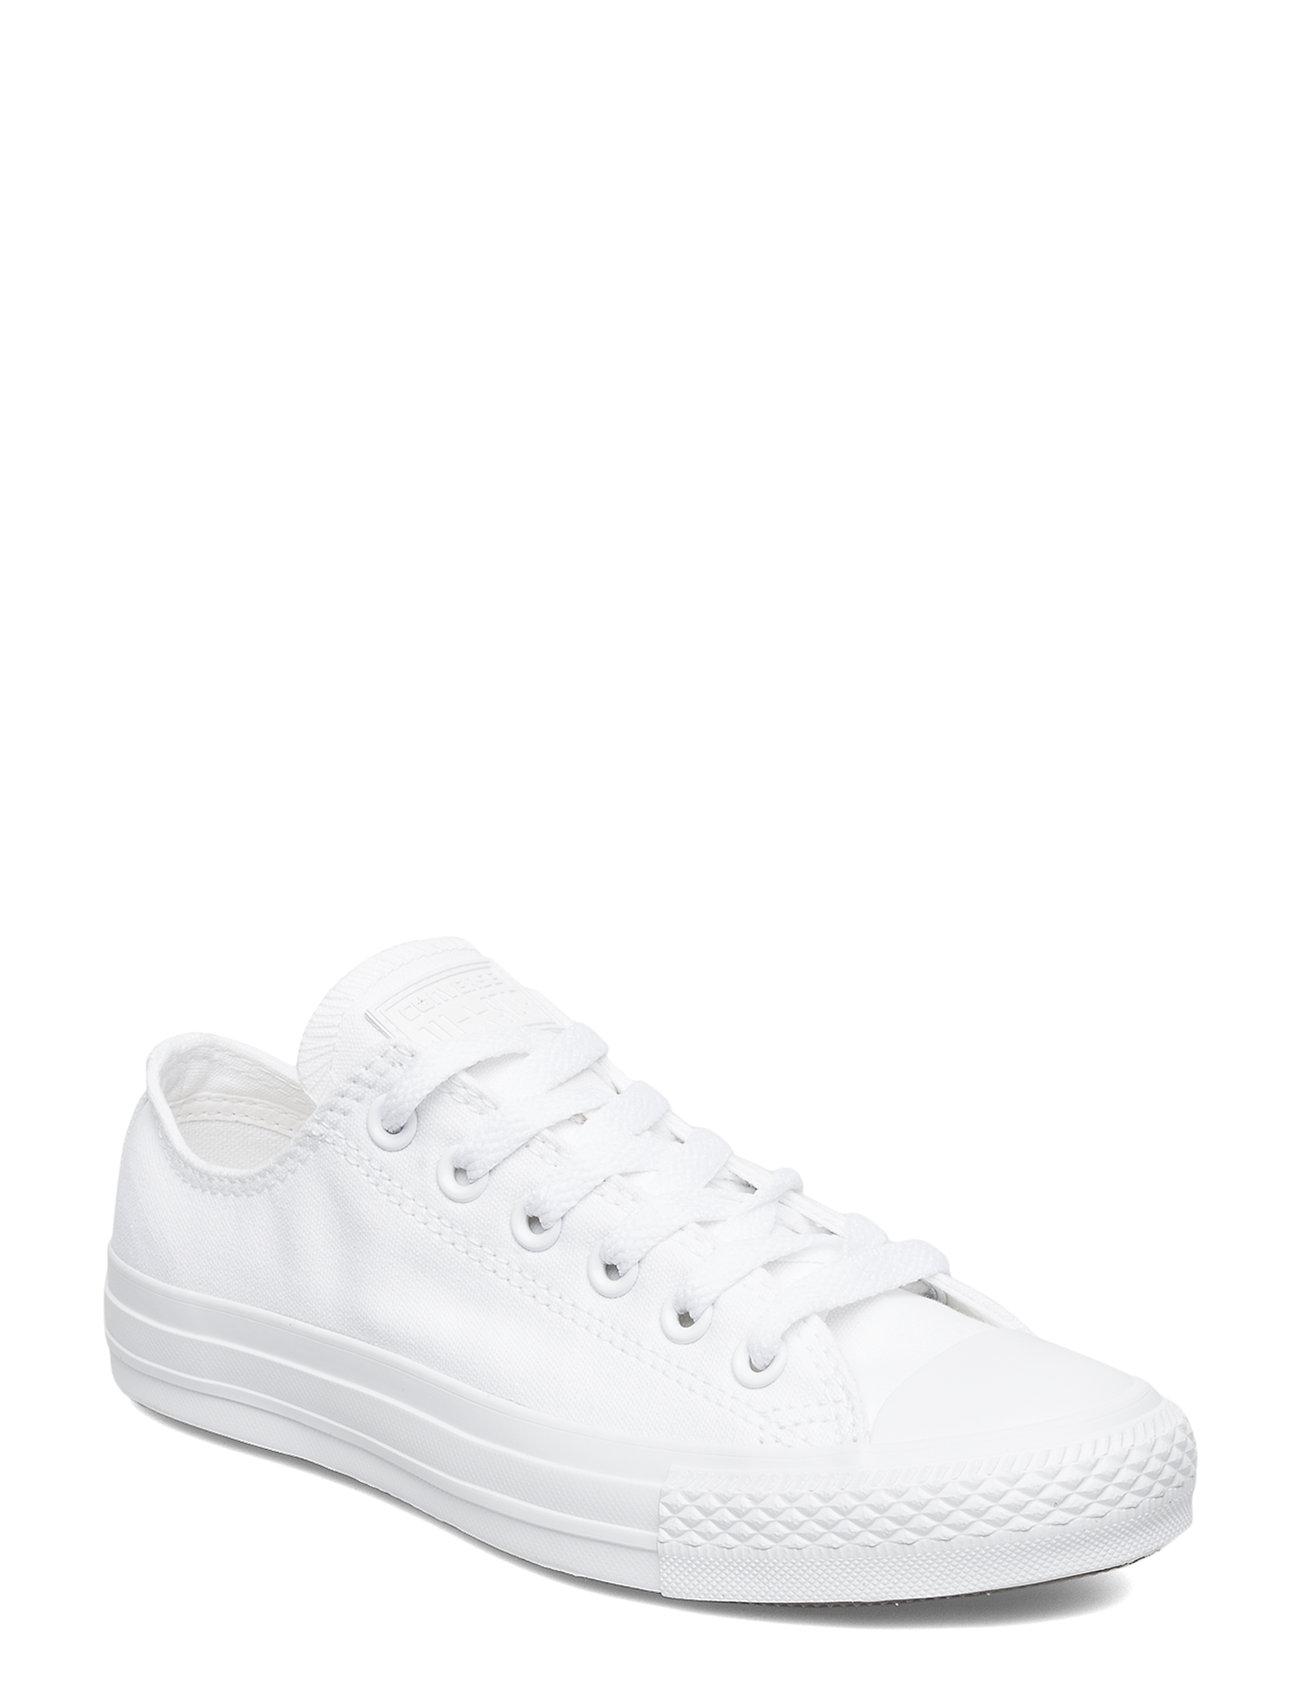 Converse All Star Canvas Ox - WHITE MONOCHROME